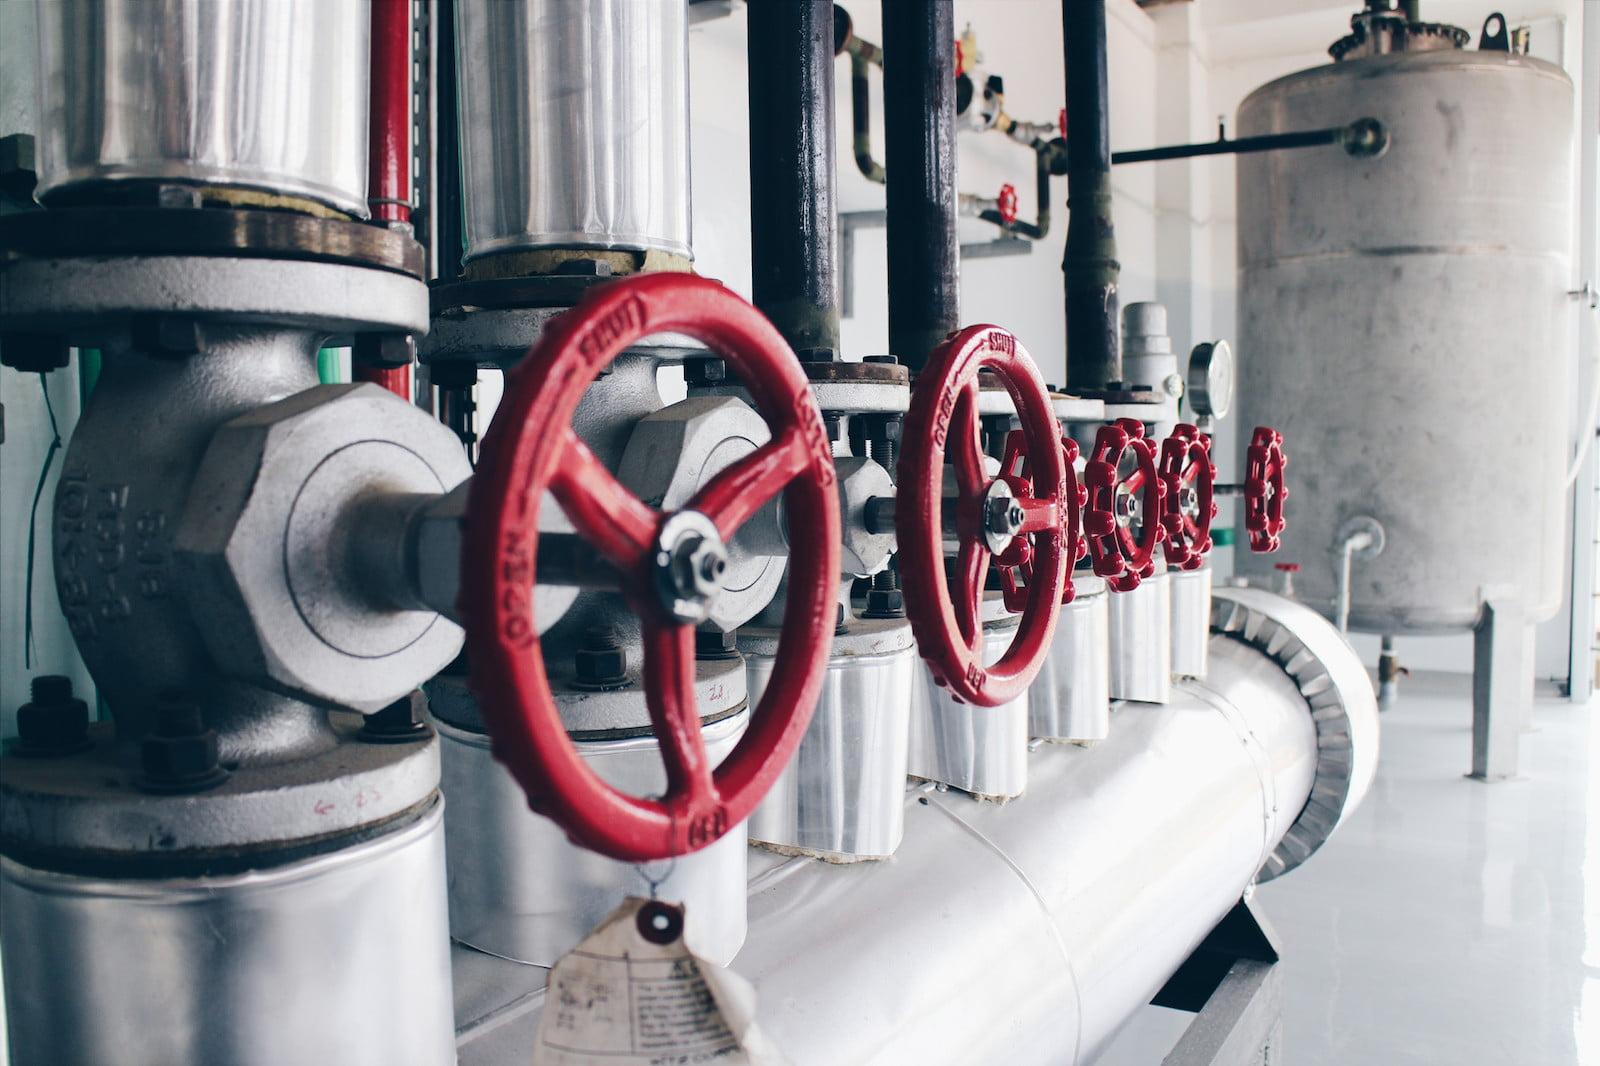 Factory Industry Pipeline Pipe Industrial Pipes Valve Steel Pipe T20 Yqyrae.jpg